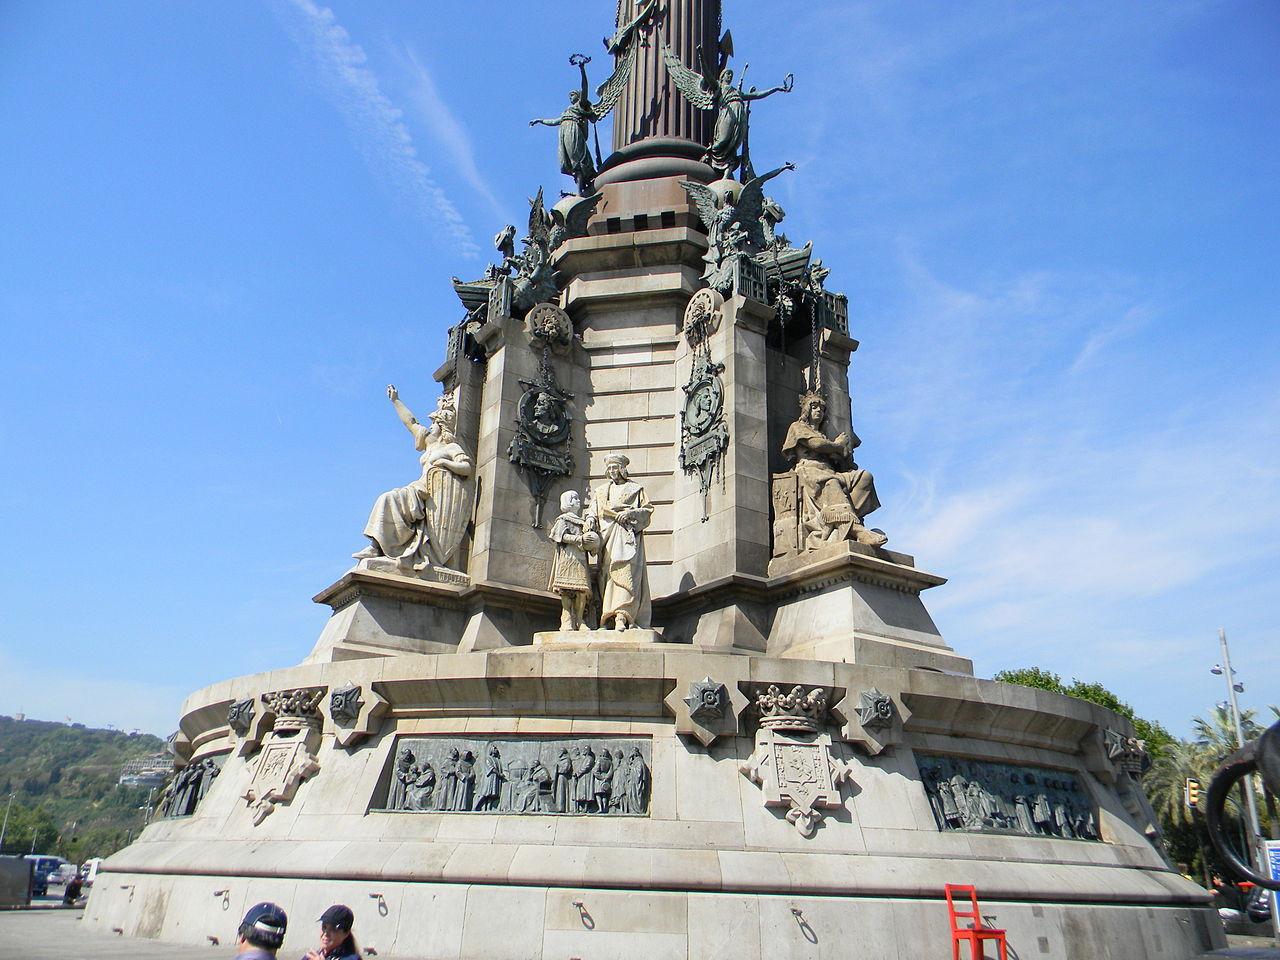 Монумент Колумбу в Барселоне, пьедестал